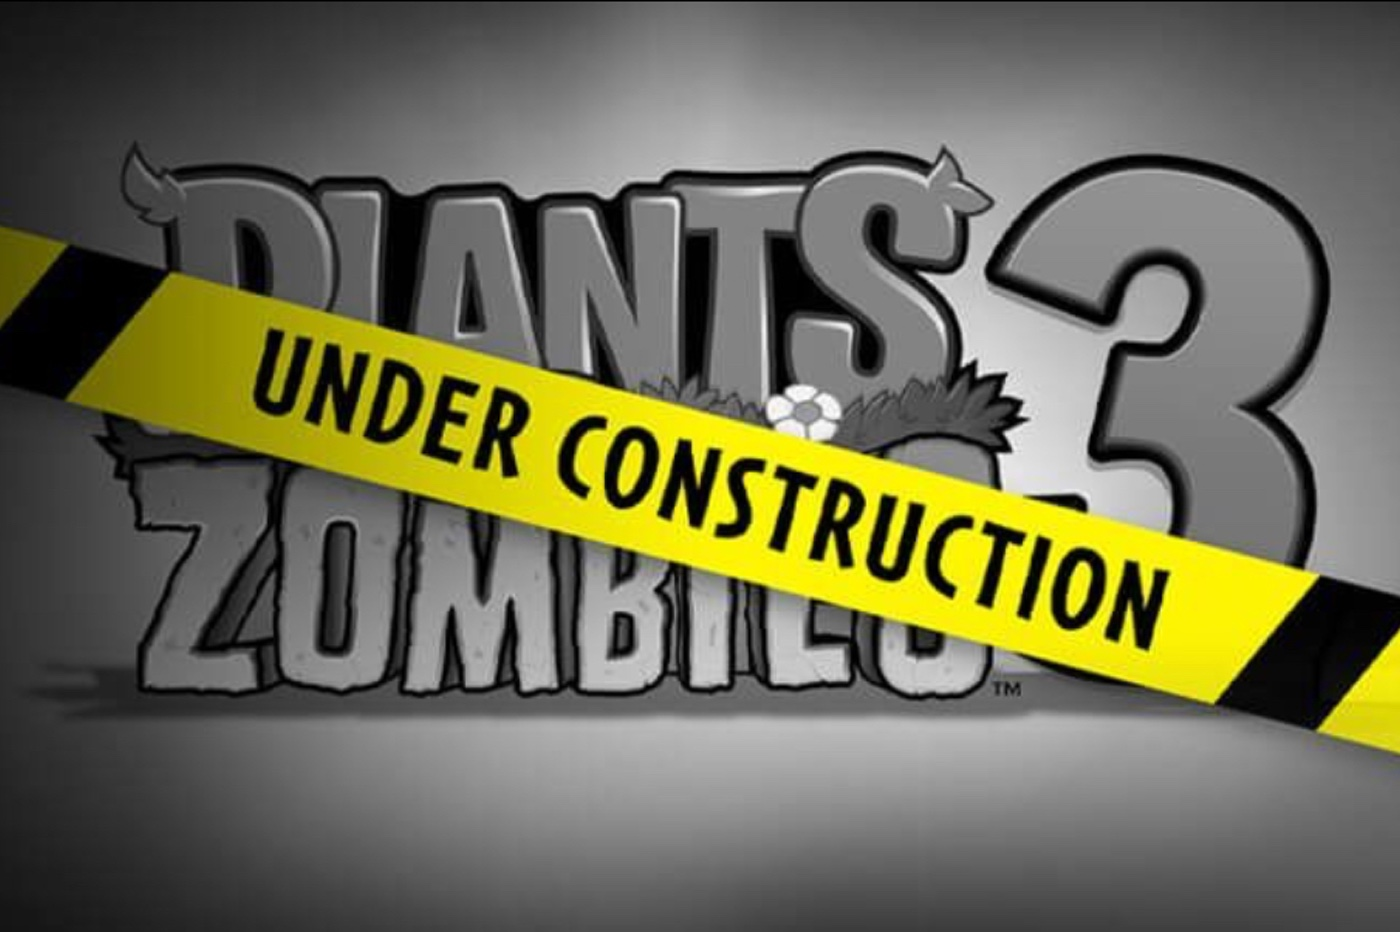 Plants Vs. Zombies 3 : le jeu mobile se prépare 1